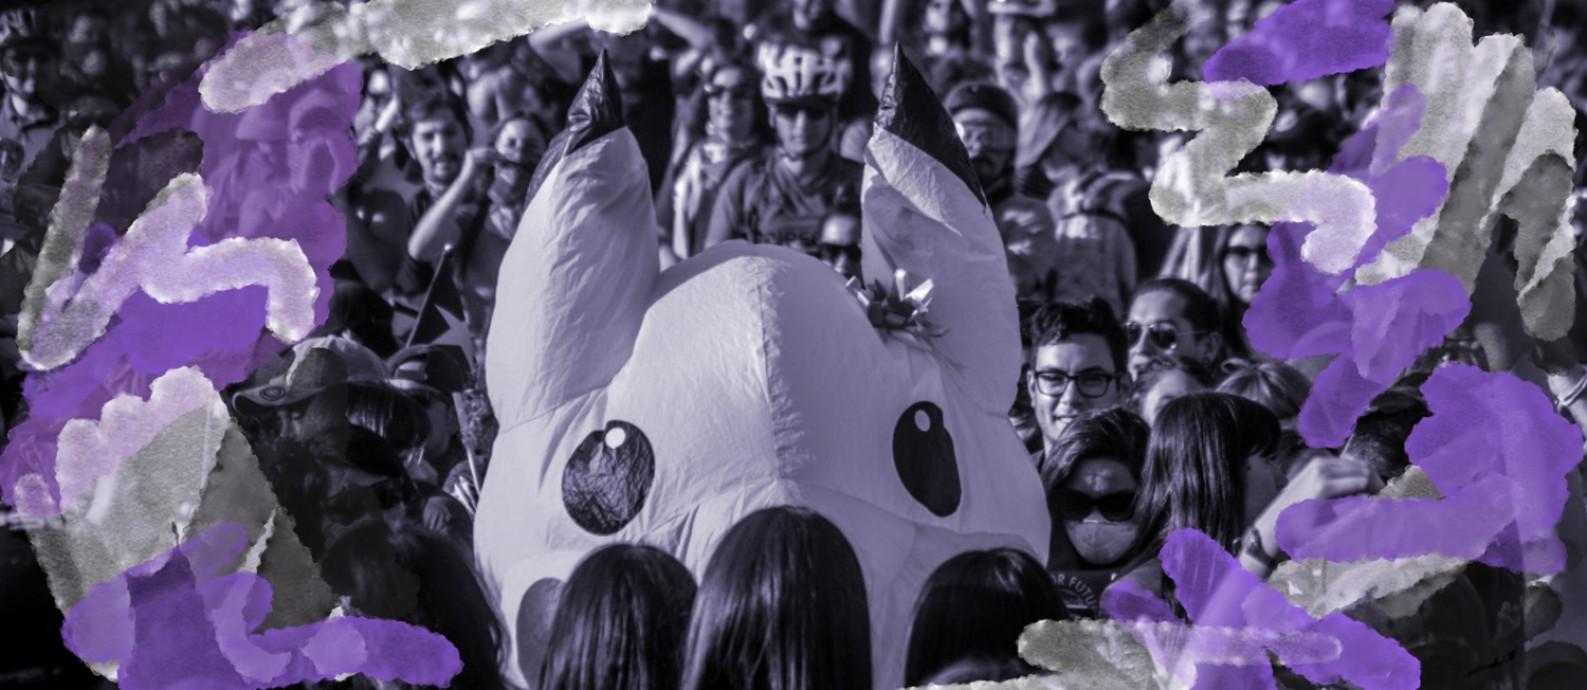 Giovanna Grandón, com a fantasia de Pikachu, no meio de protesto em Santiago Foto: Reprodução